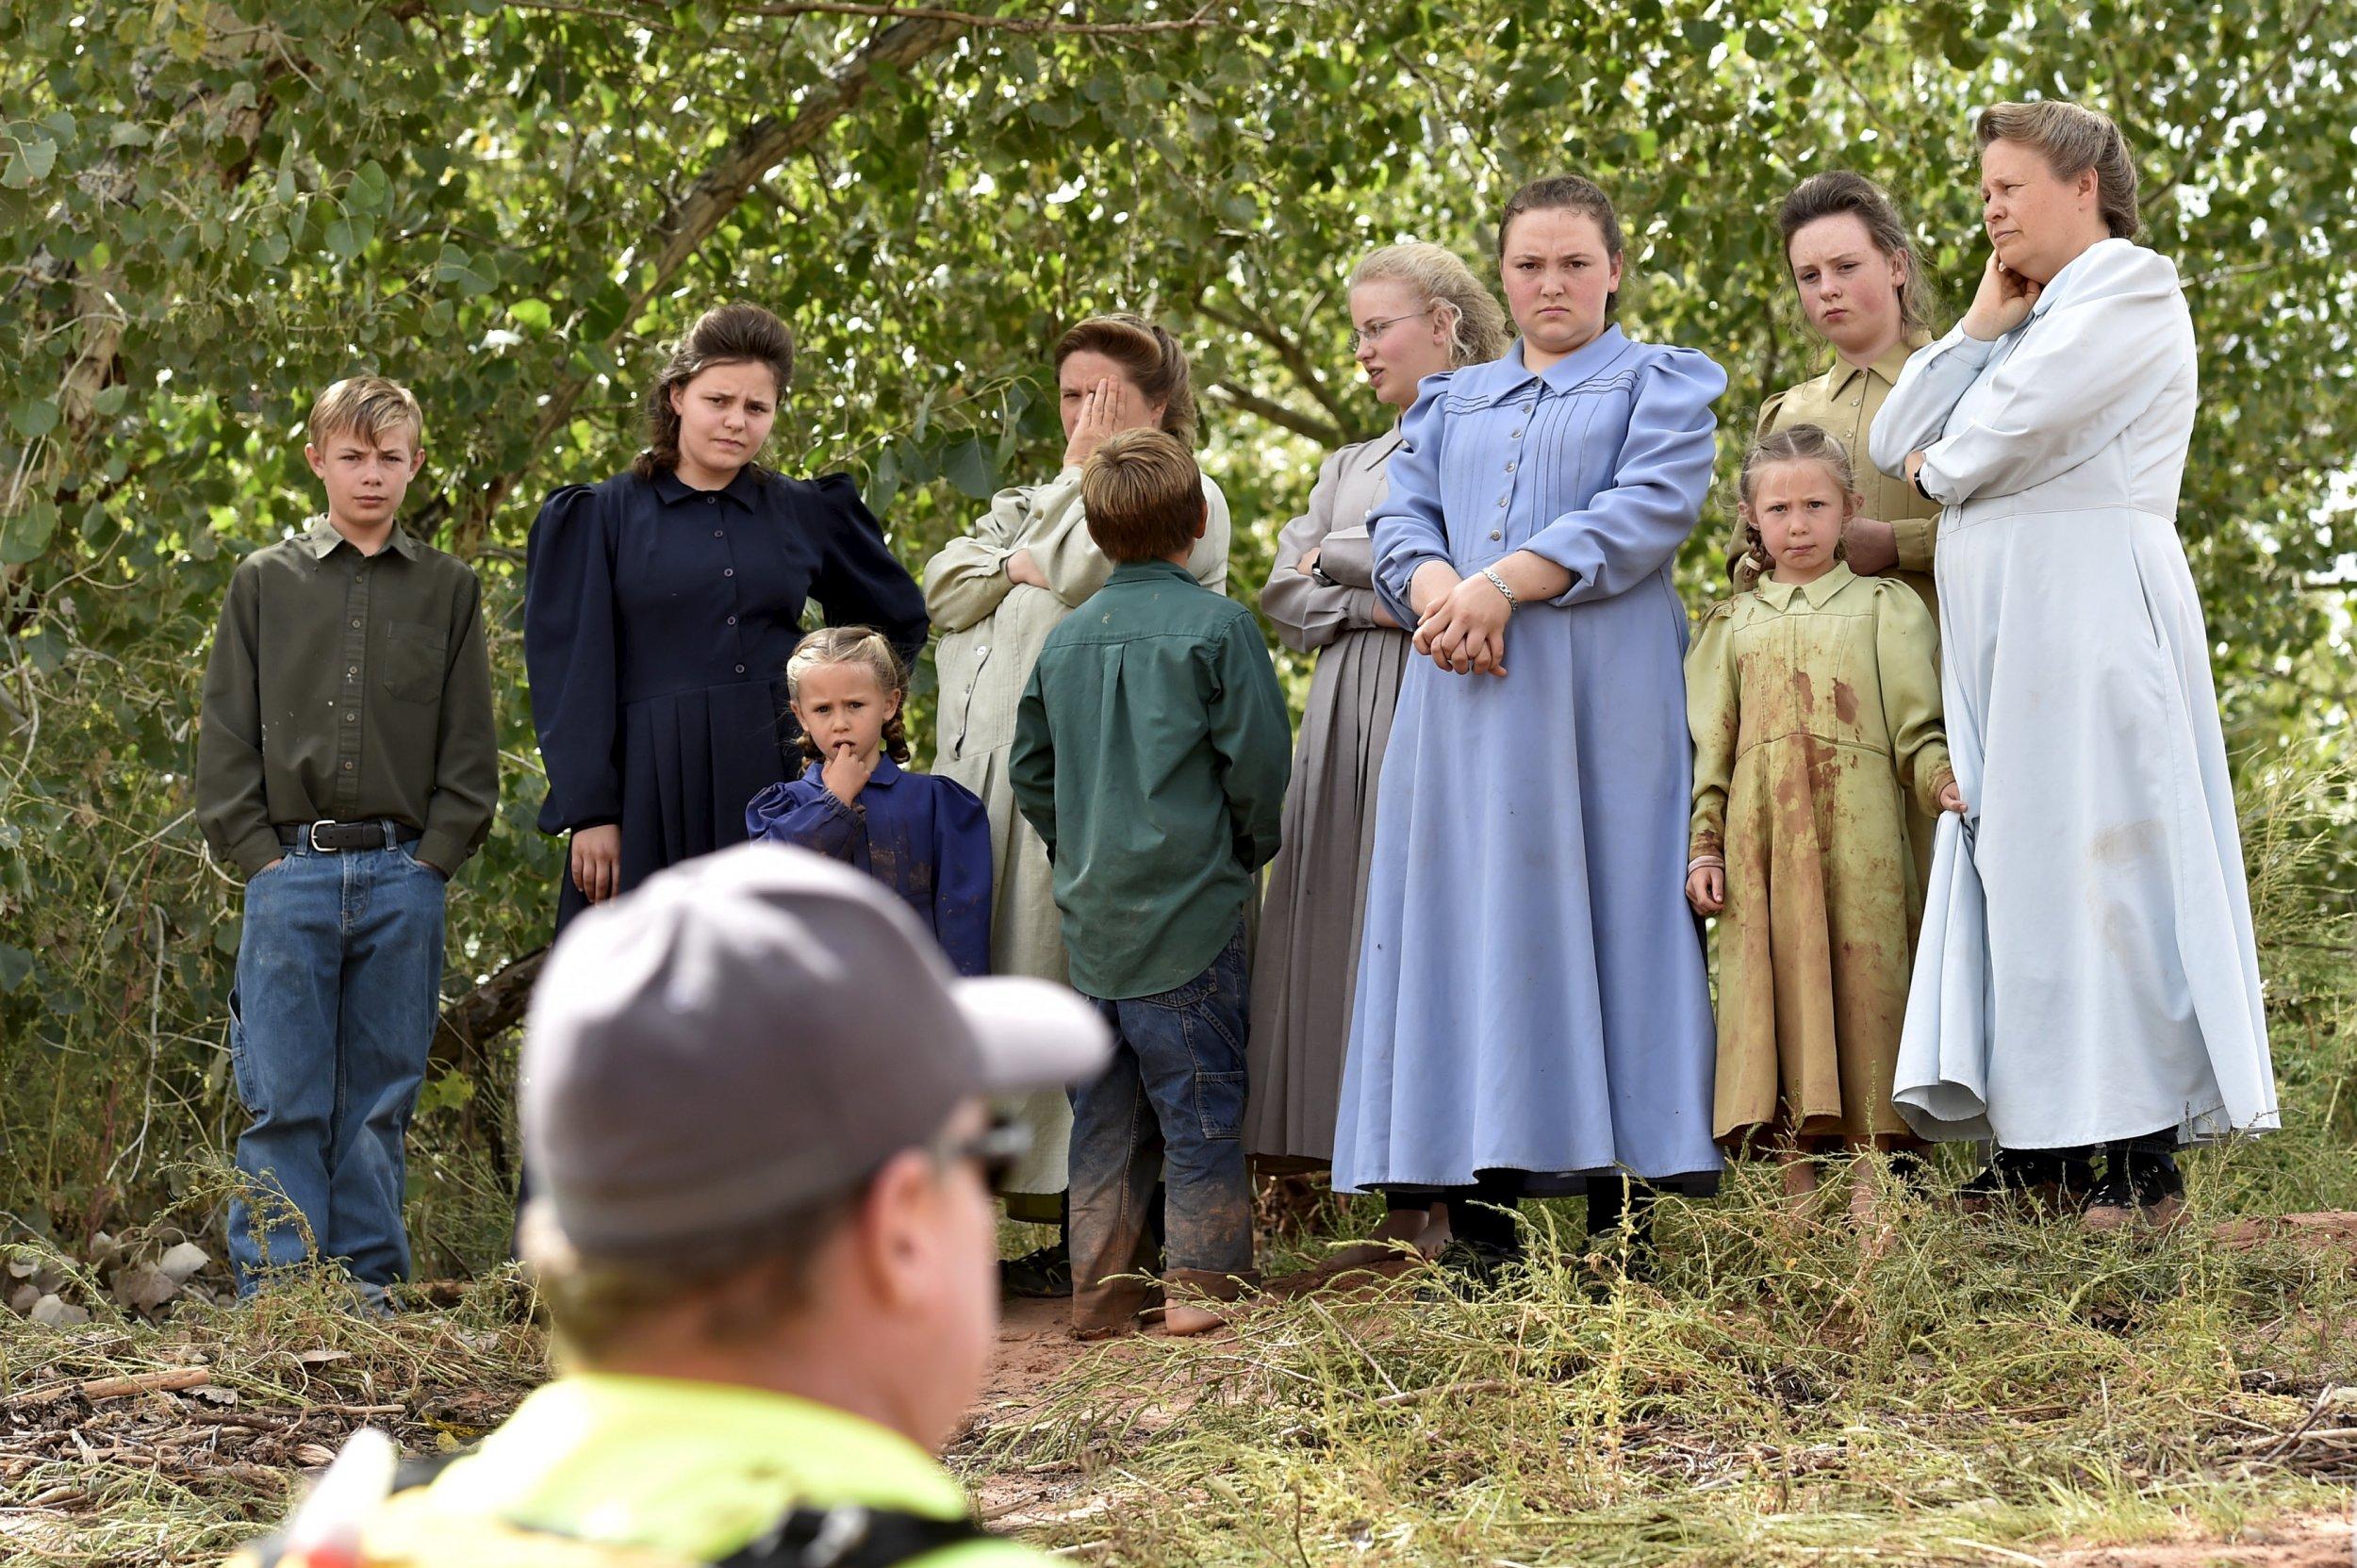 hildale_polygamous_towns_discrimination_0308